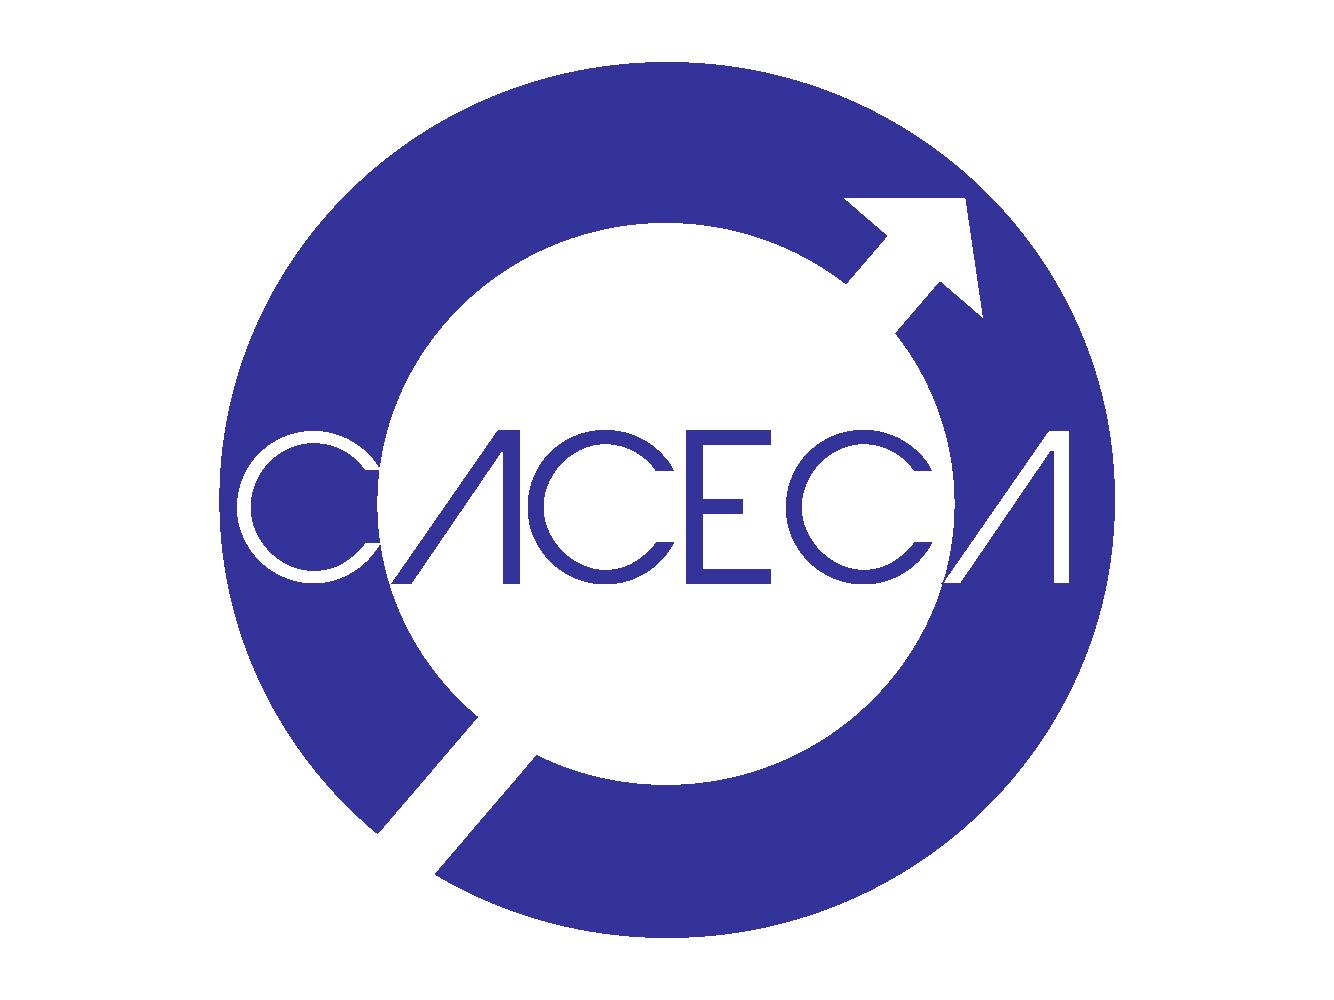 congreso_logo_Caceca